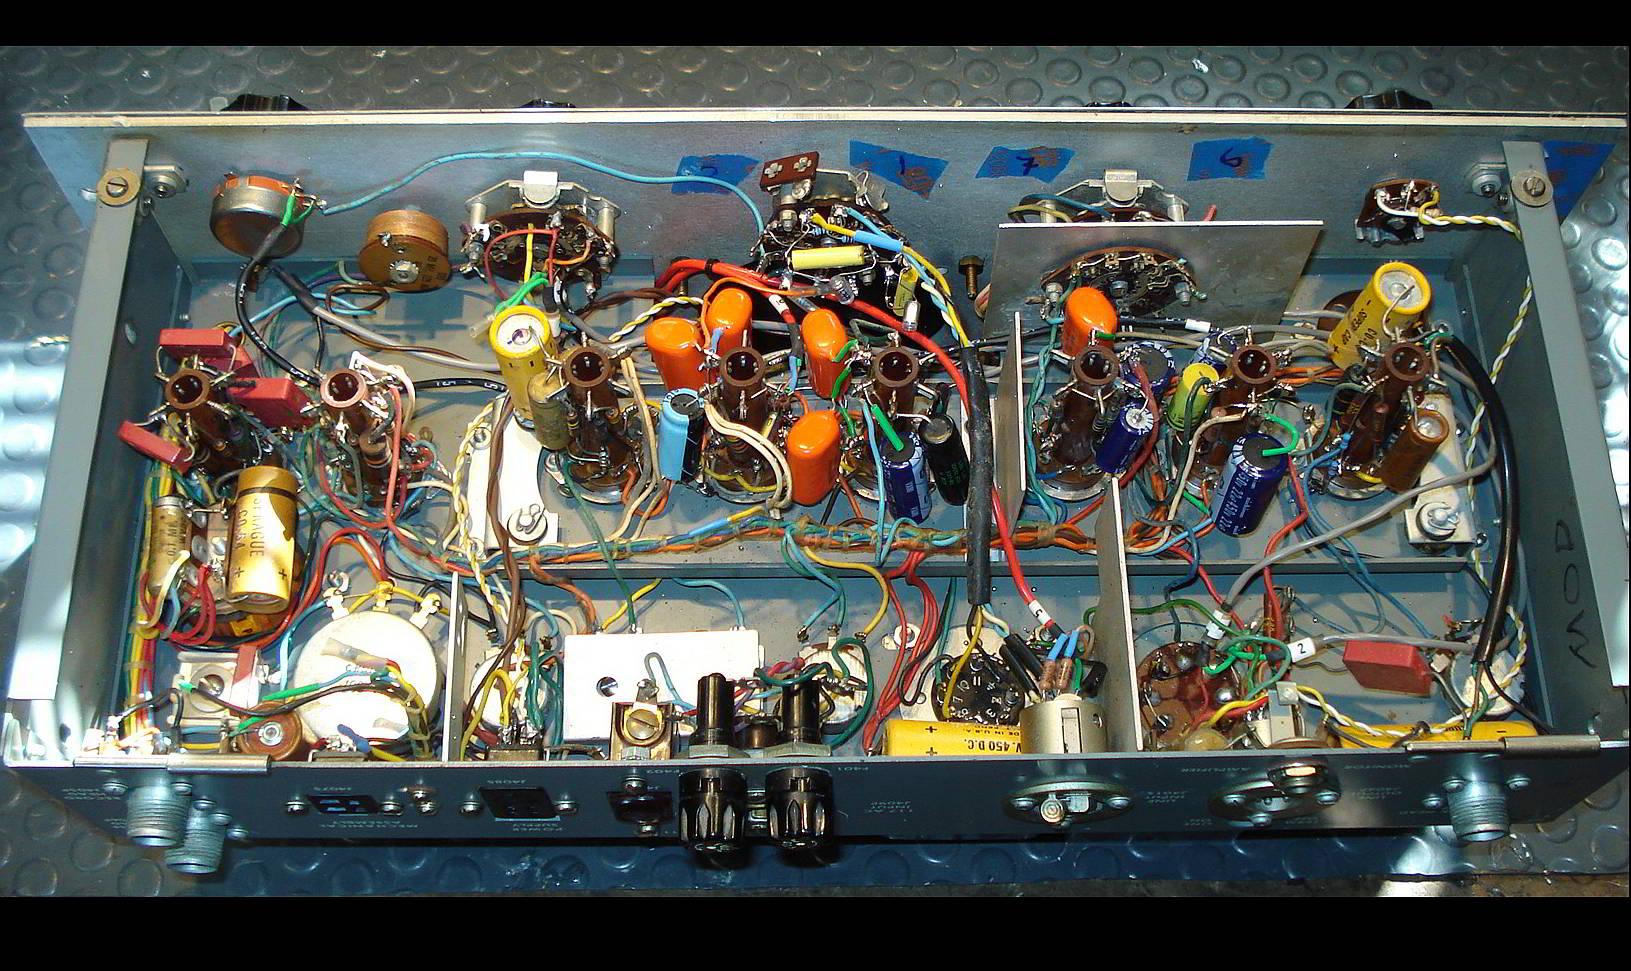 Ampex 350 mod inside